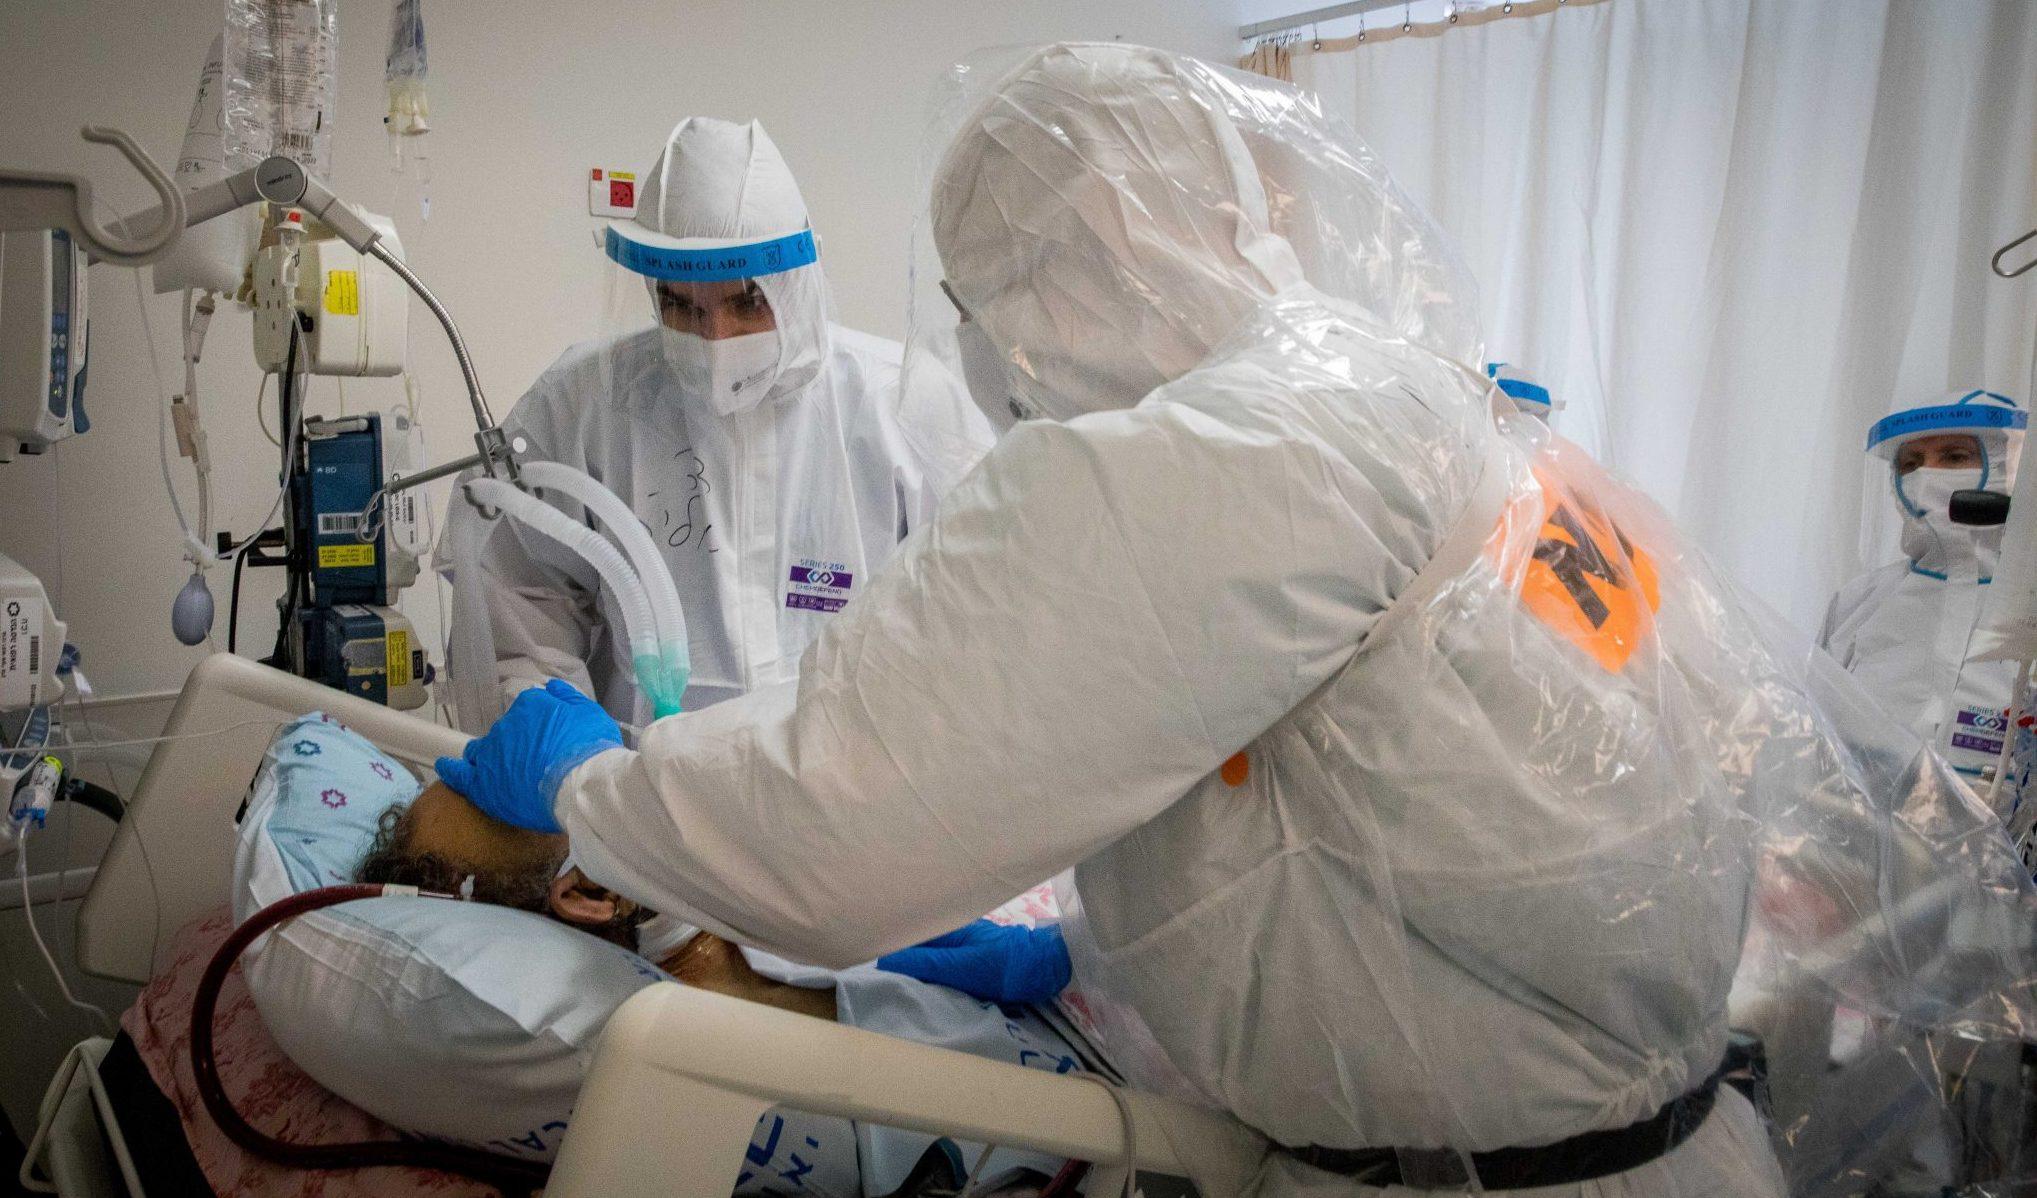 23 חולי קורונה מאושפזים בבית החולים הדסה במצב קשה וקריטי